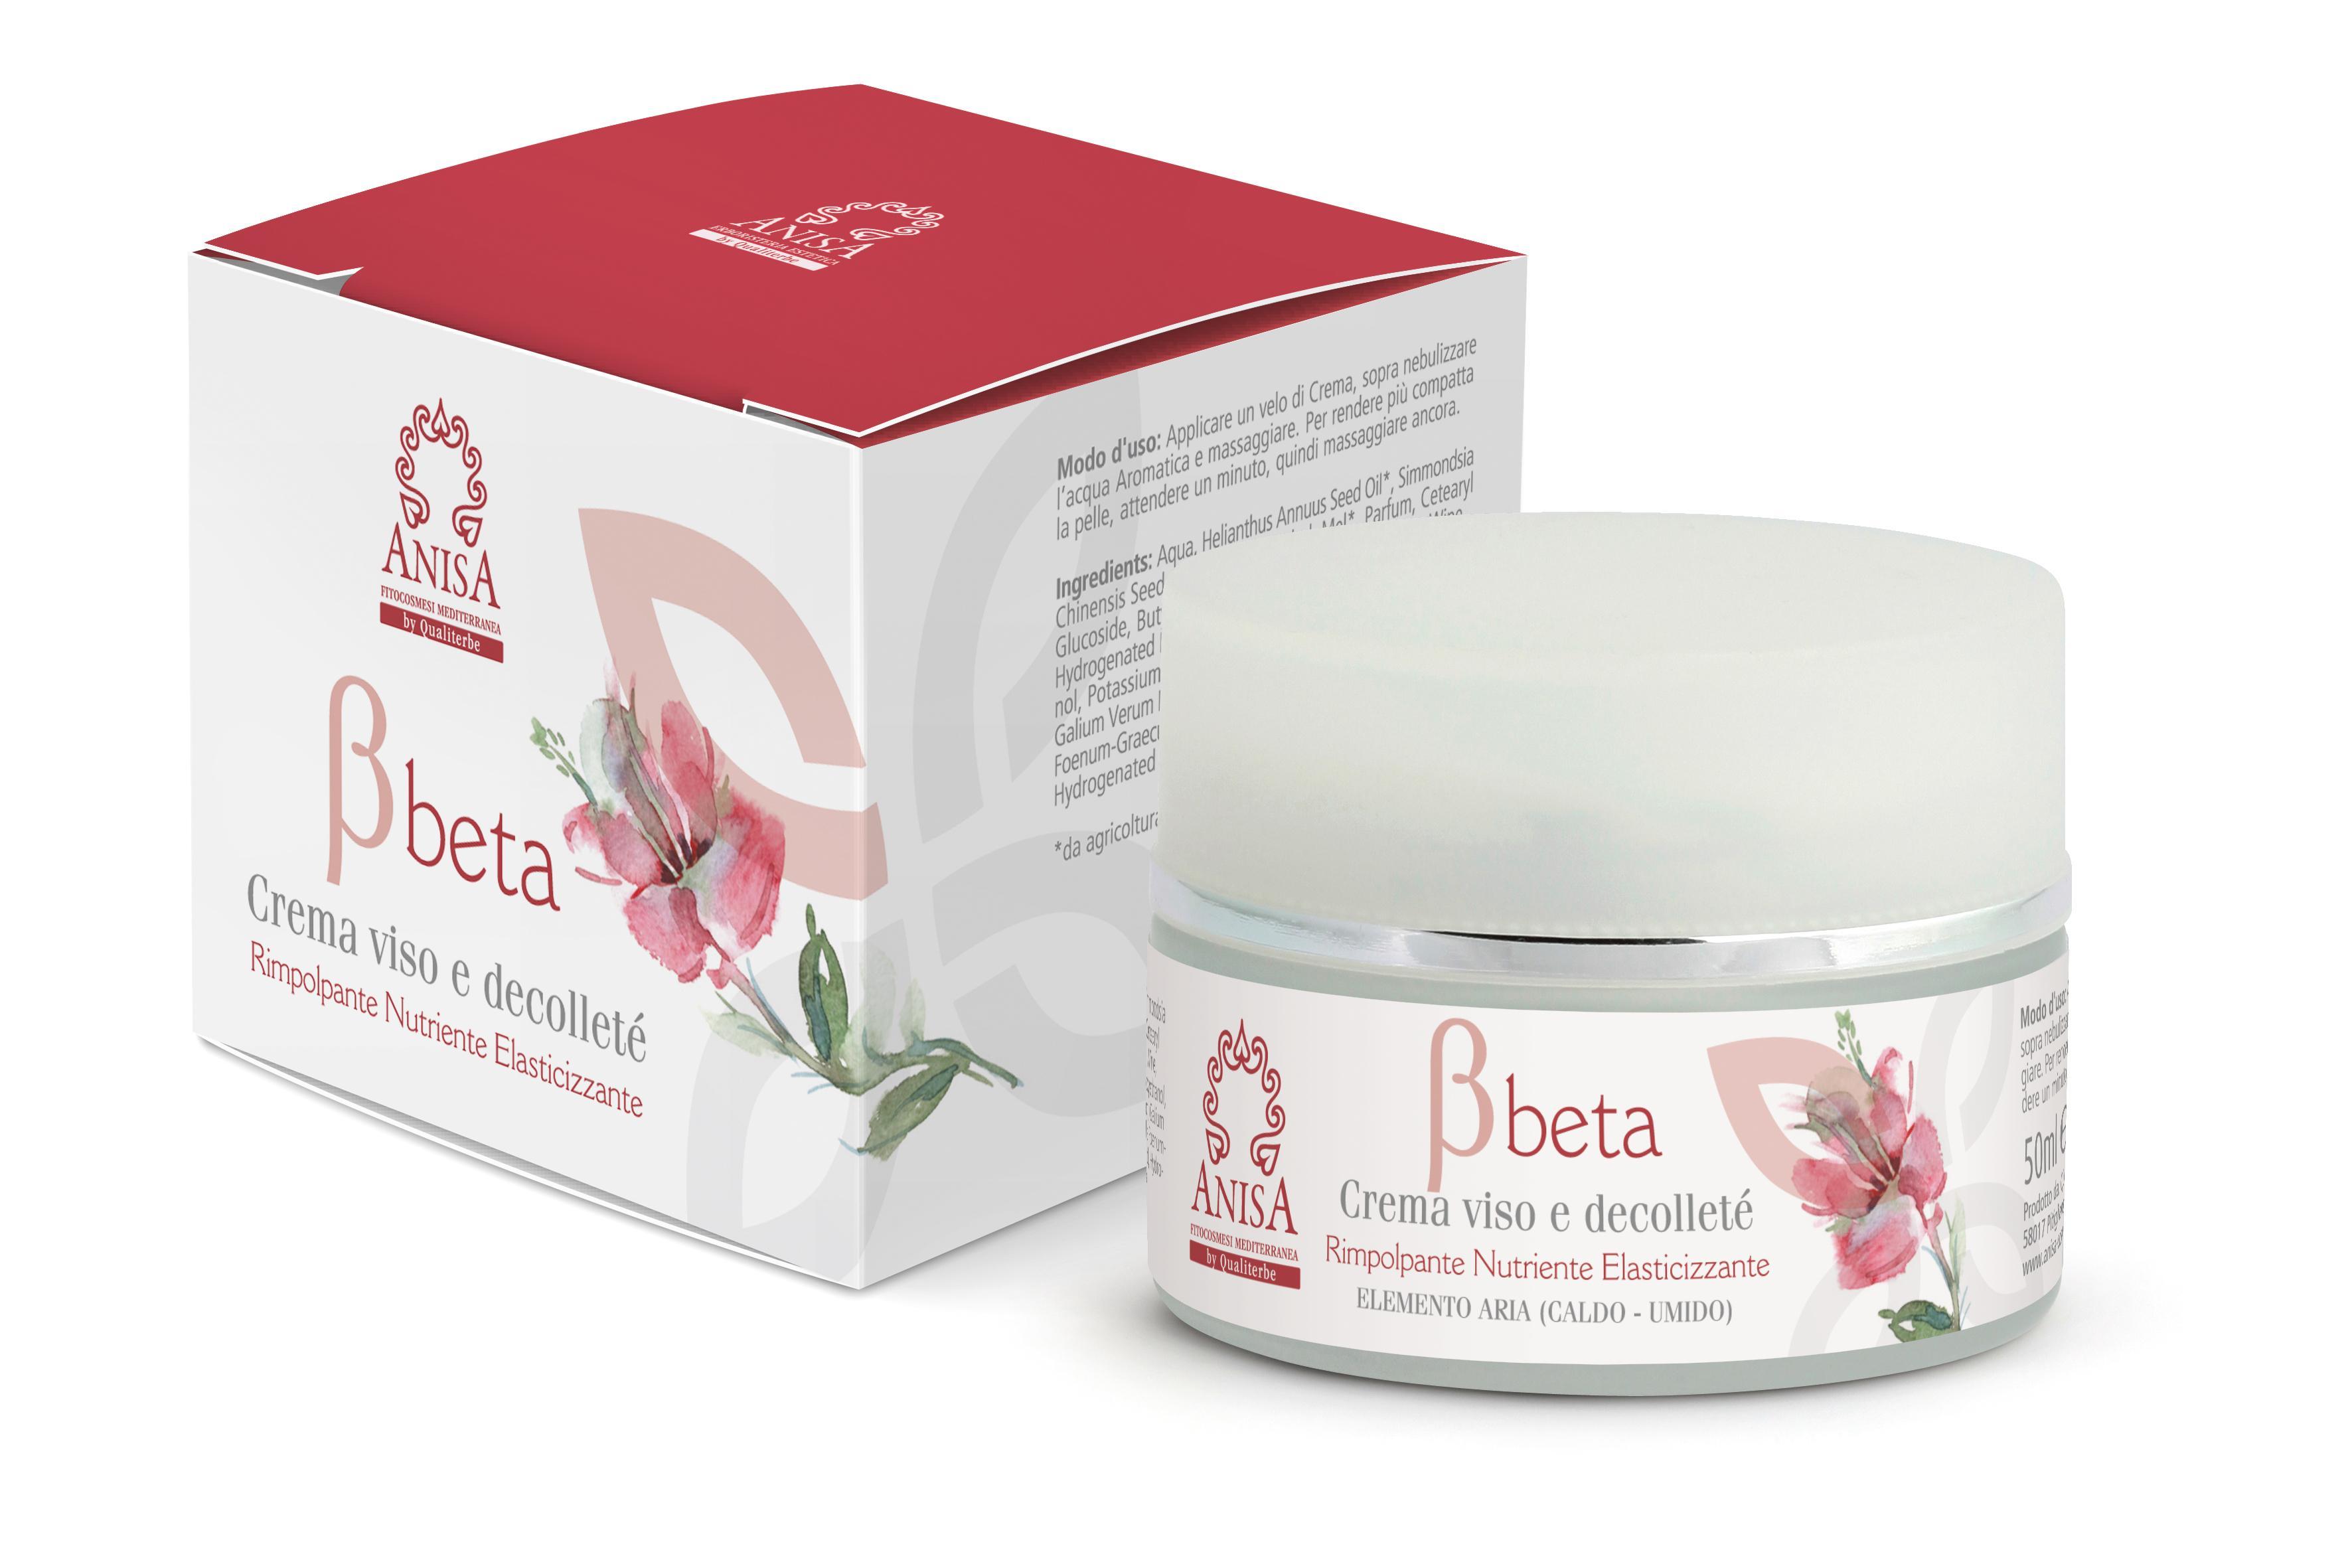 Crema Beta 50ml Viso e Decolletè Superior Texture Linea Professionale ANISA by Qualiterbe